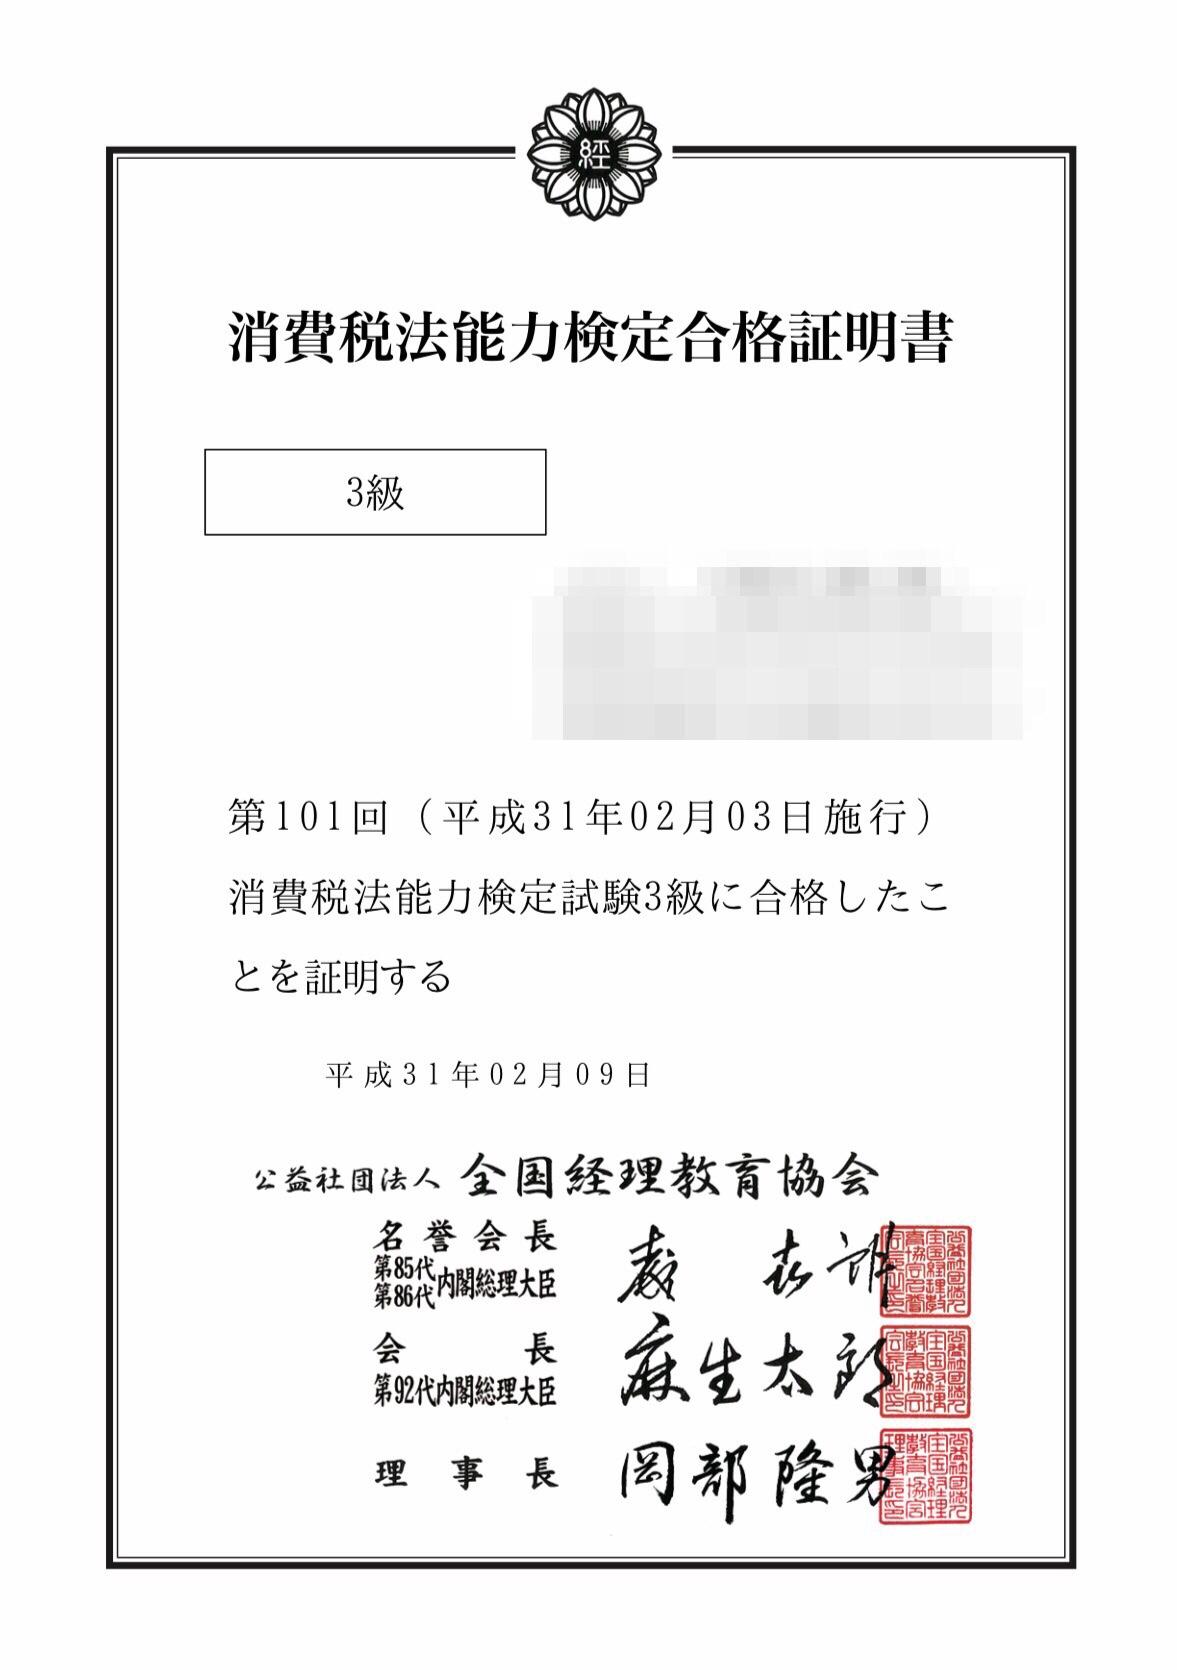 消費税法能力検定3級合格証明書